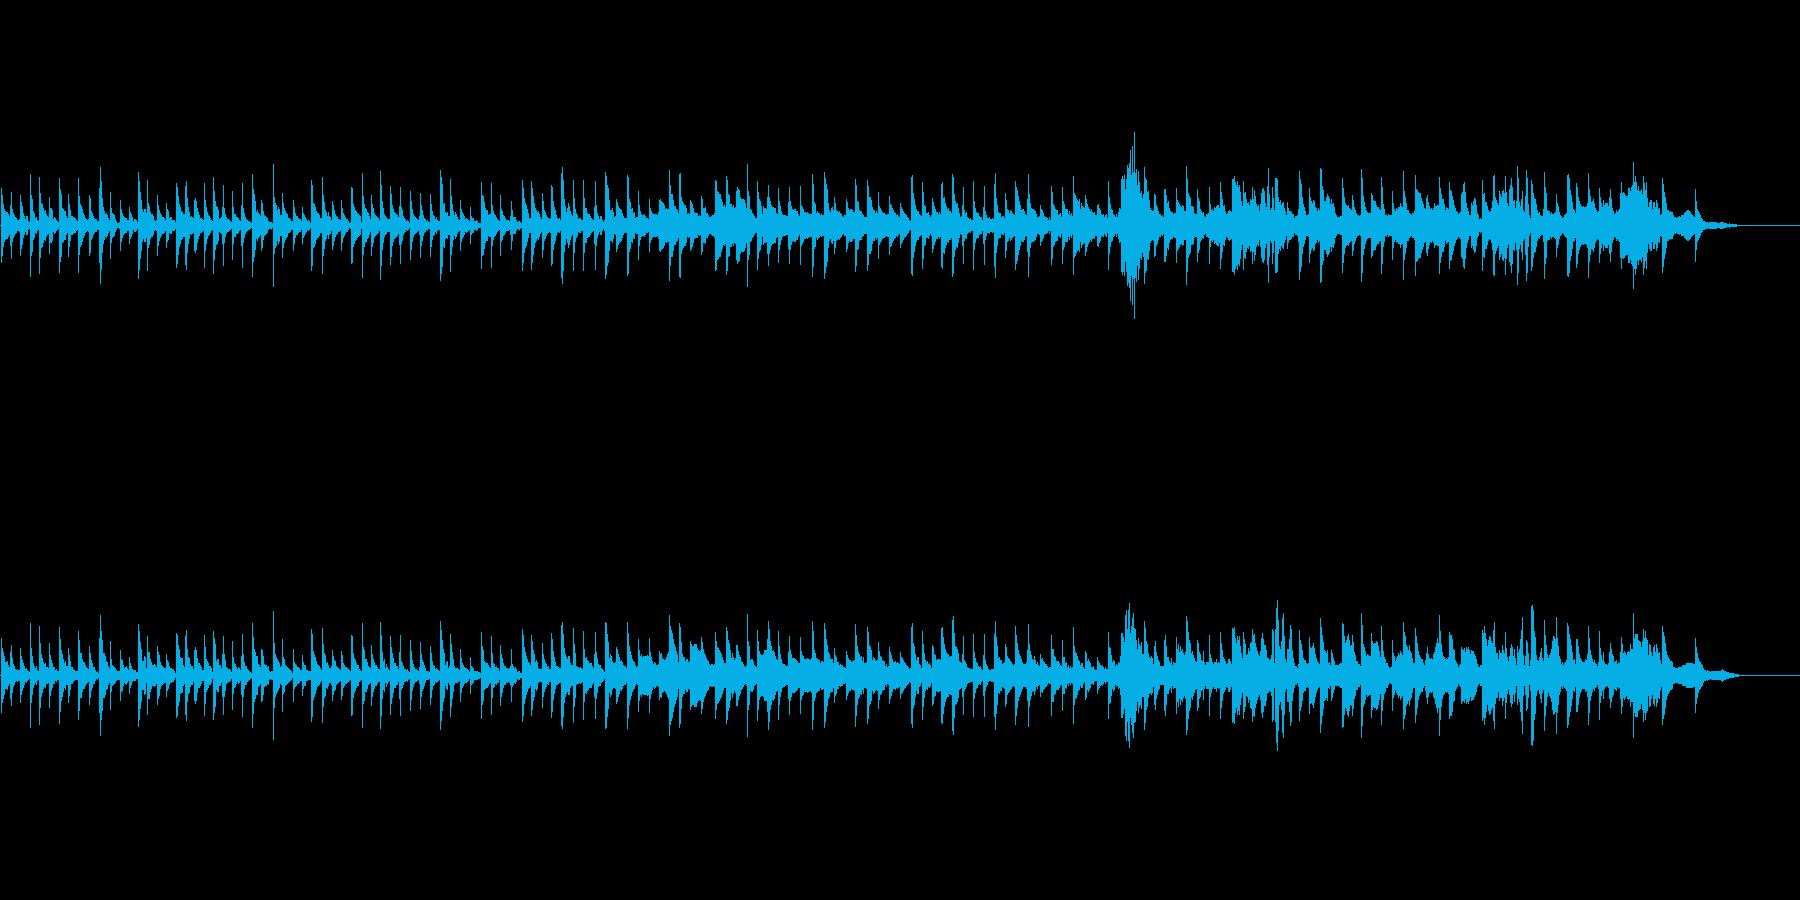 徐々に恐怖なオルゴールBGM(ホラー)の再生済みの波形